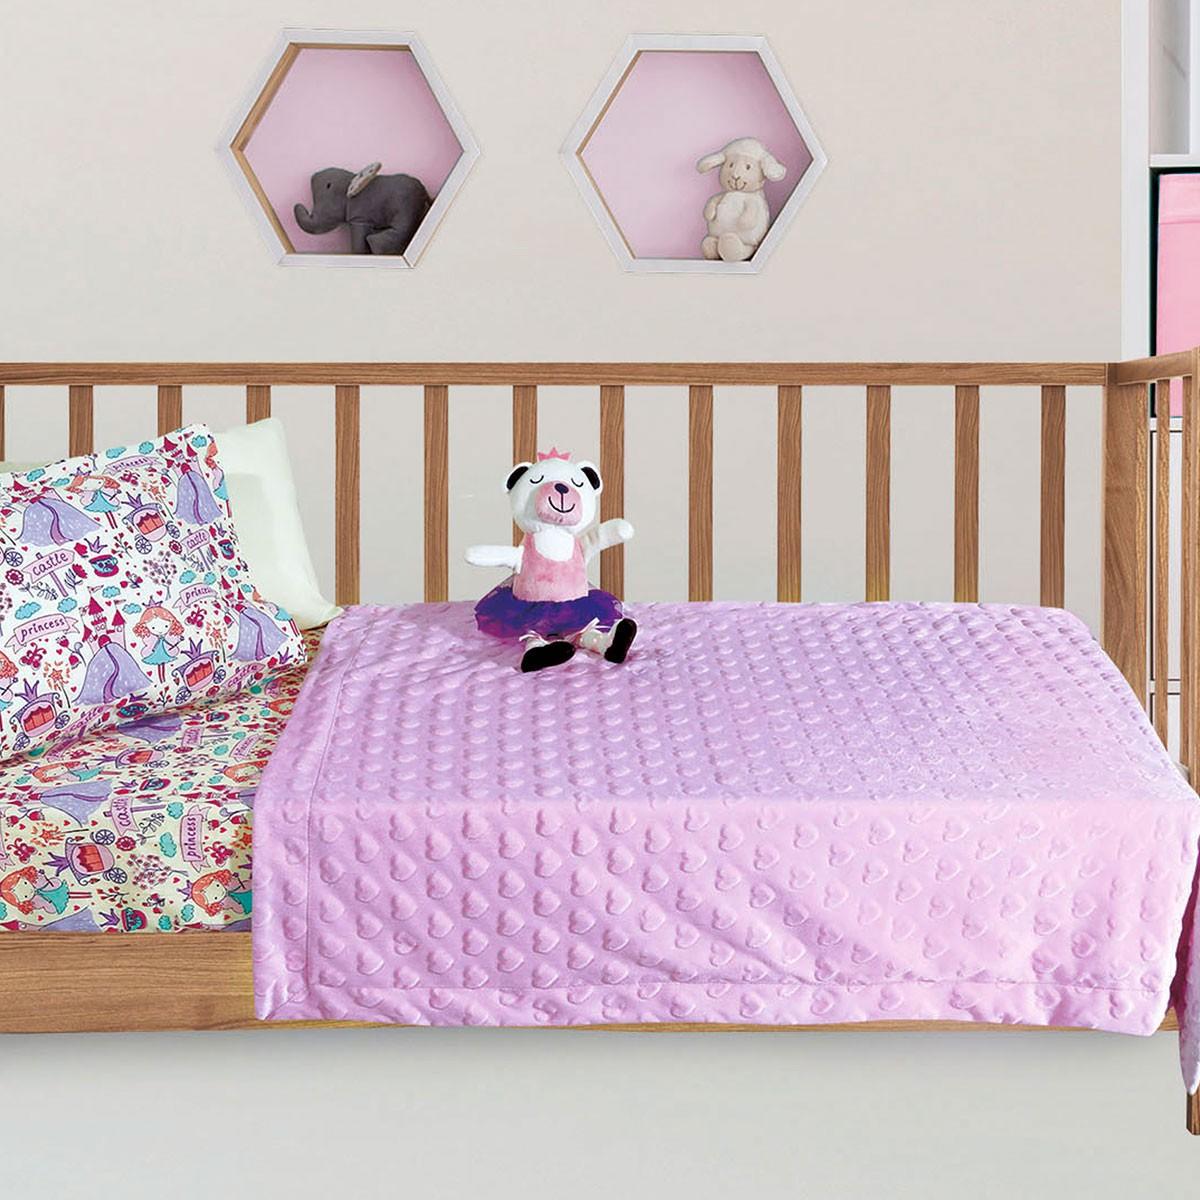 Κουβέρτα Fleece Αγκαλιάς Das Home Relax Line 6364